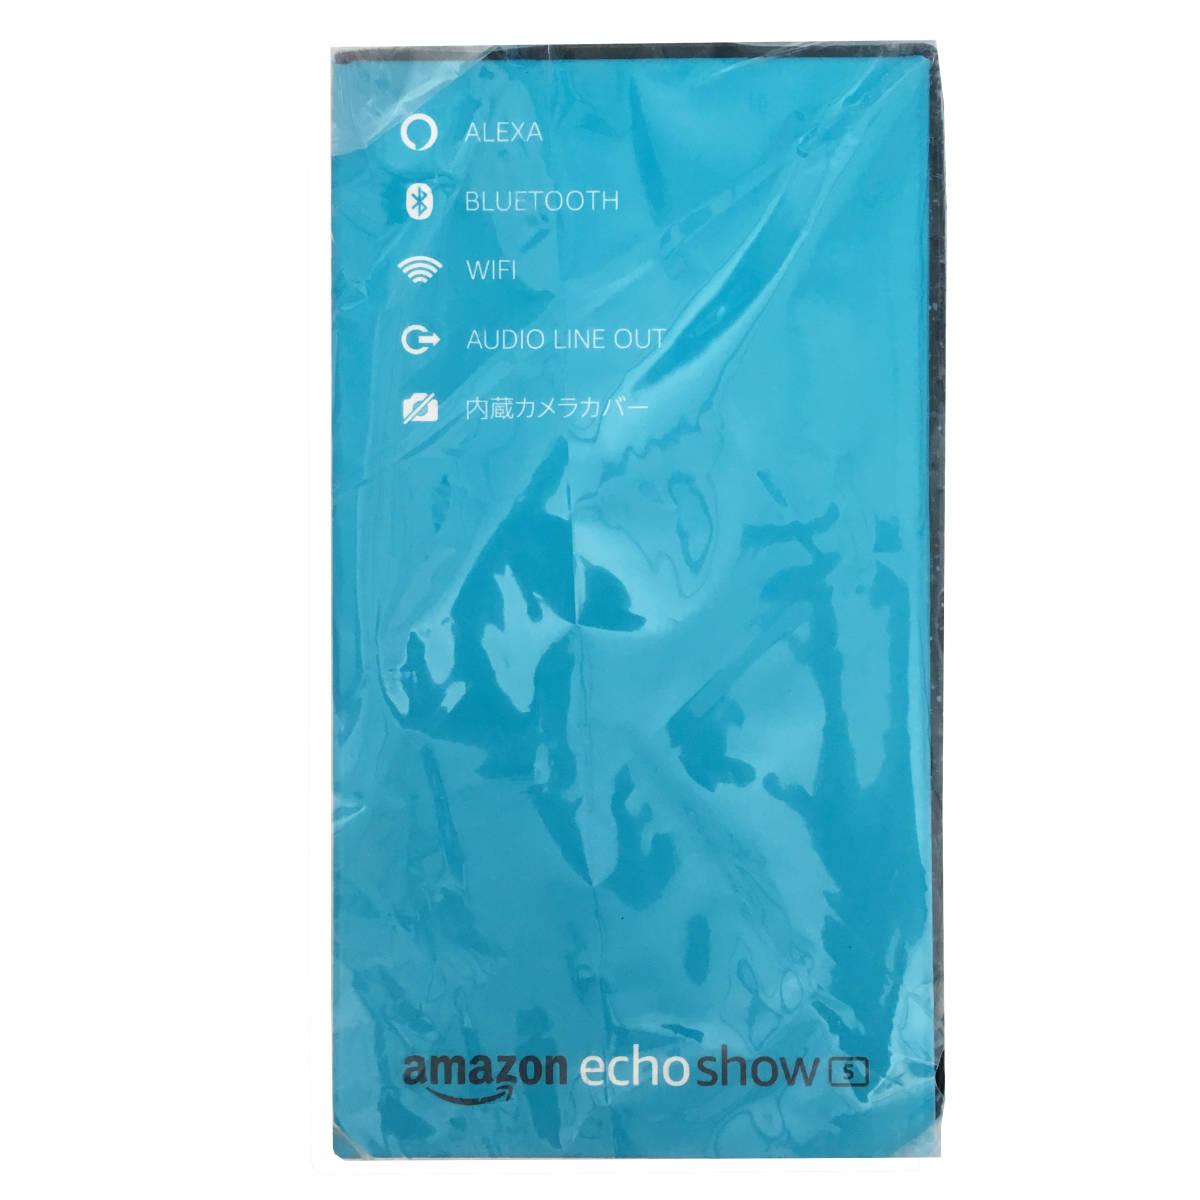 【新品・未開封】 Amazon Echo Show 5 (エコーショー5) スクリーン付きスマートスピーカー with Alexa ホワイト_画像3